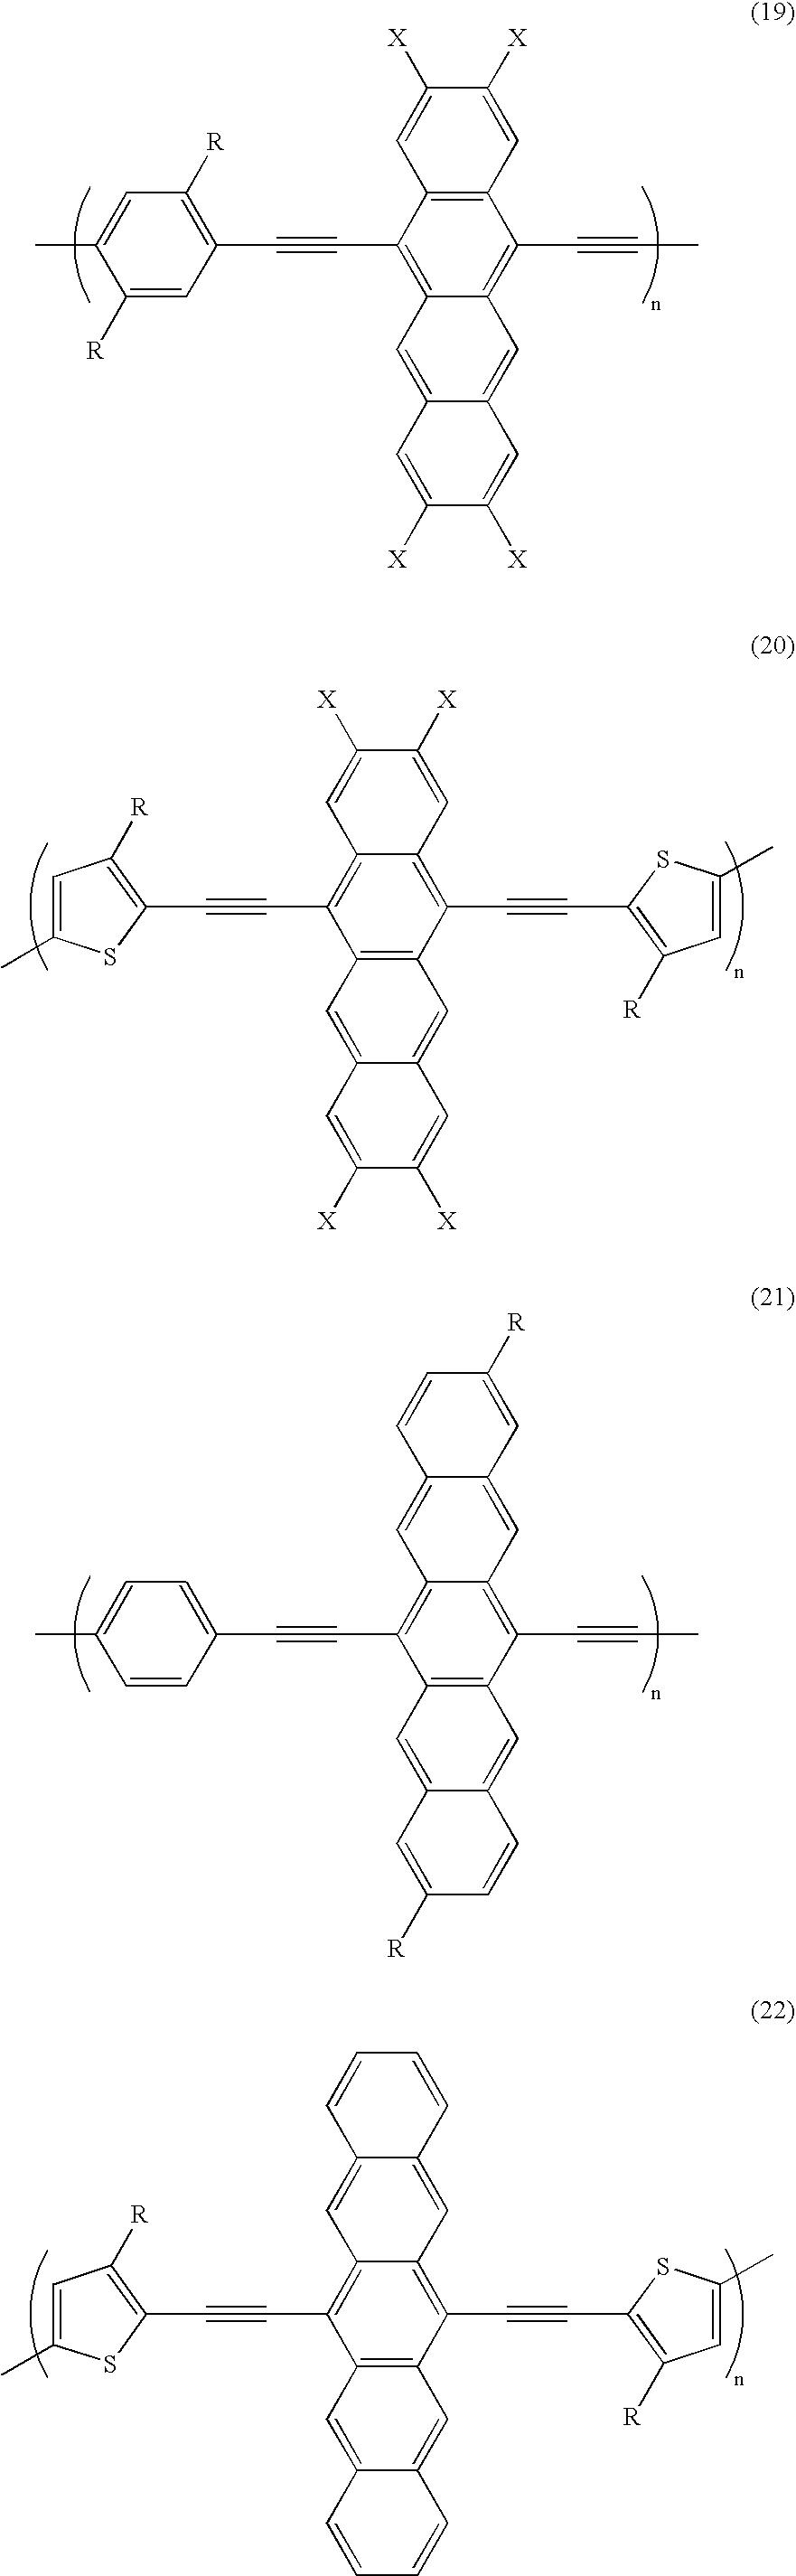 Figure US20070235725A1-20071011-C00008